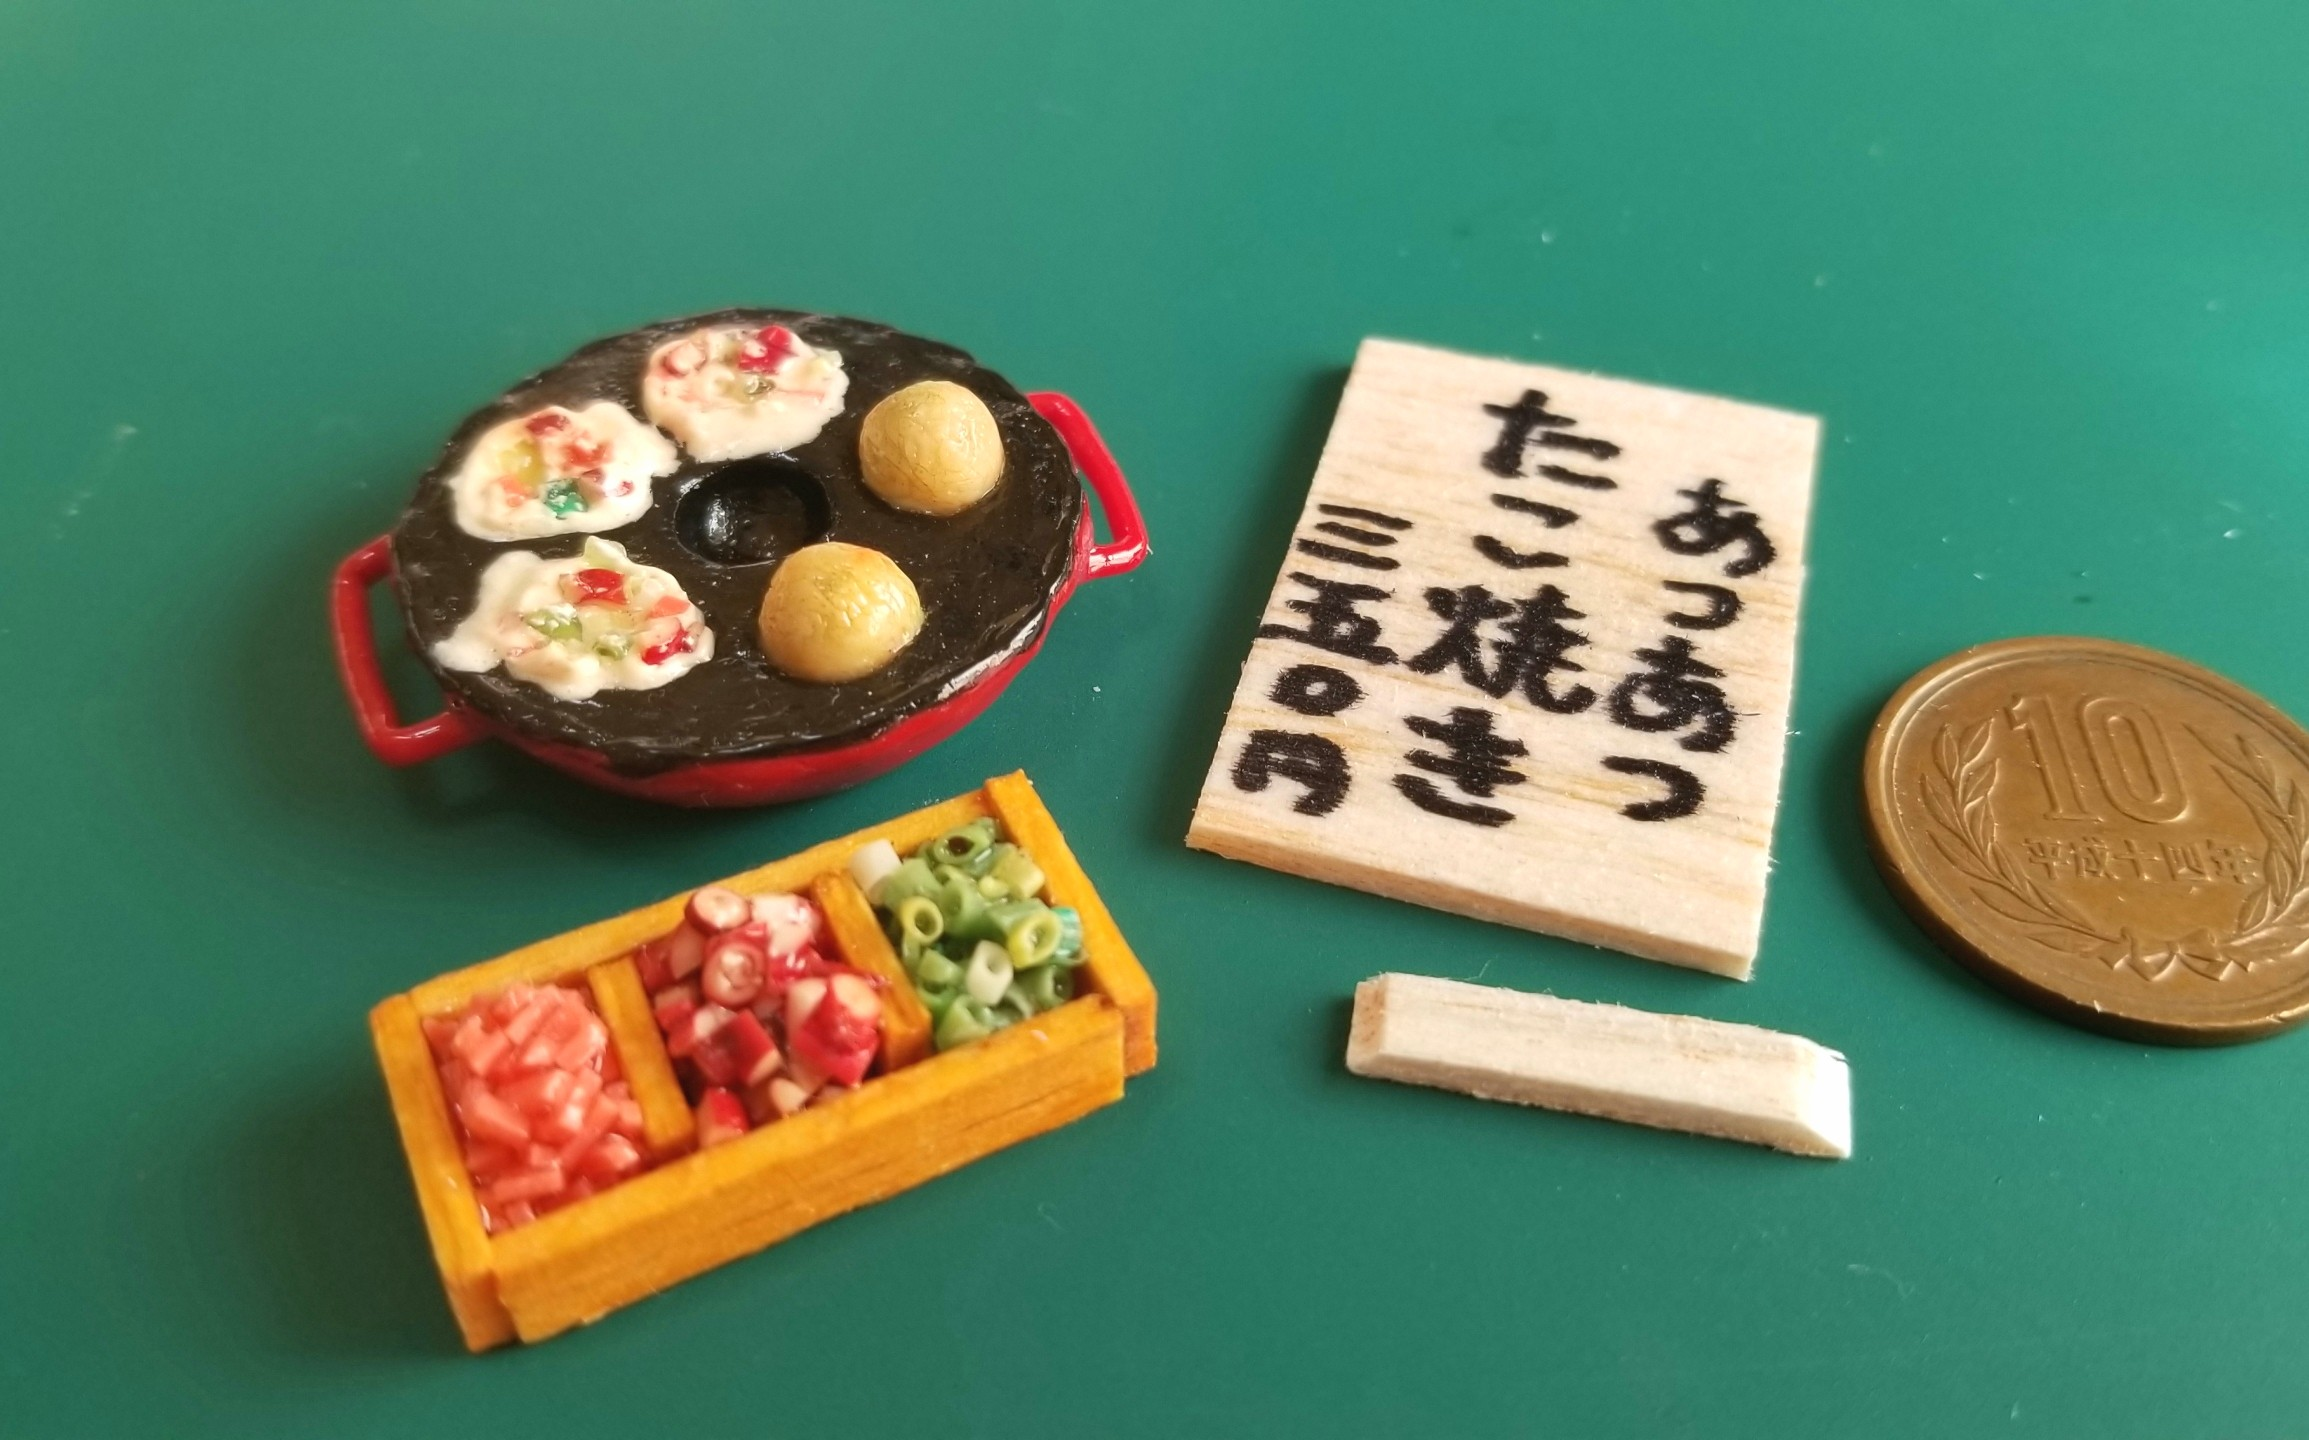 ミニチュアフード,たこ焼き器,薬味,樹脂粘土,食品サンプル,オビツ